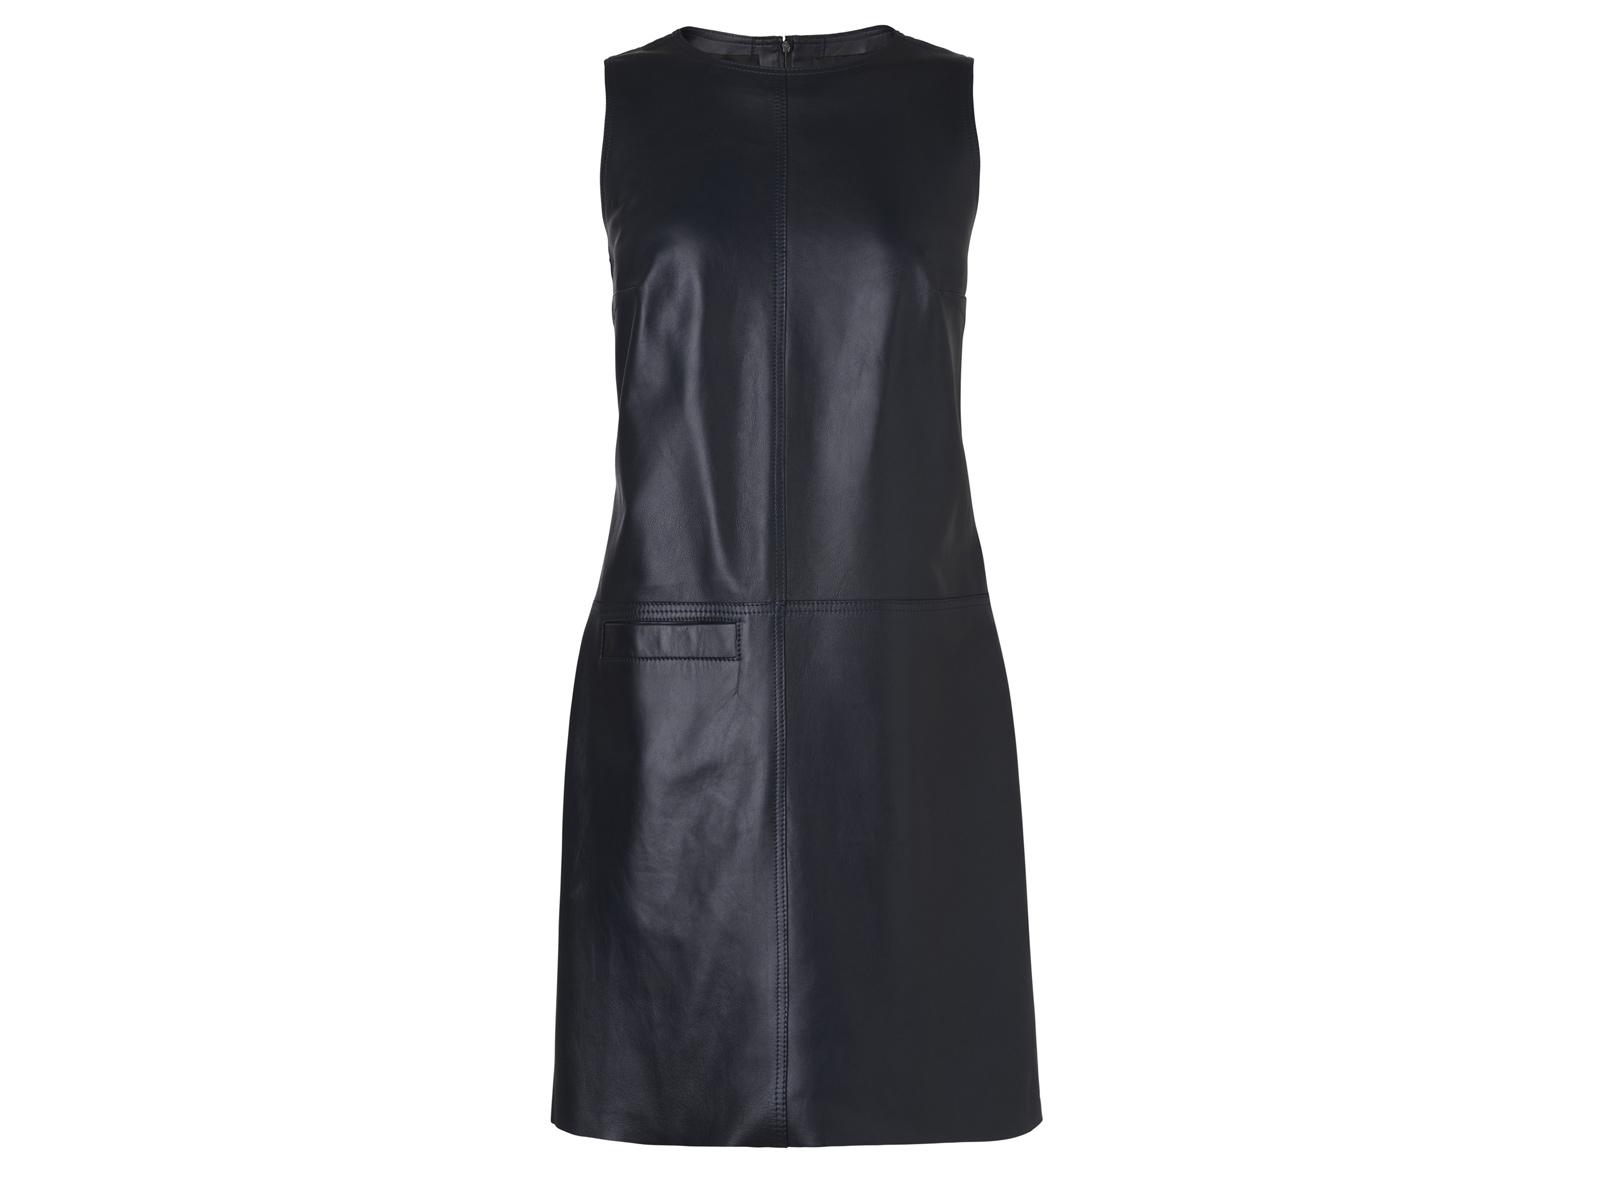 Платье, Jaeger ТЦ u00abВремена Годаu00bb, Кутузовский пр-т., 48,  тел. (495) 644 4848 цена 45 580 руб.